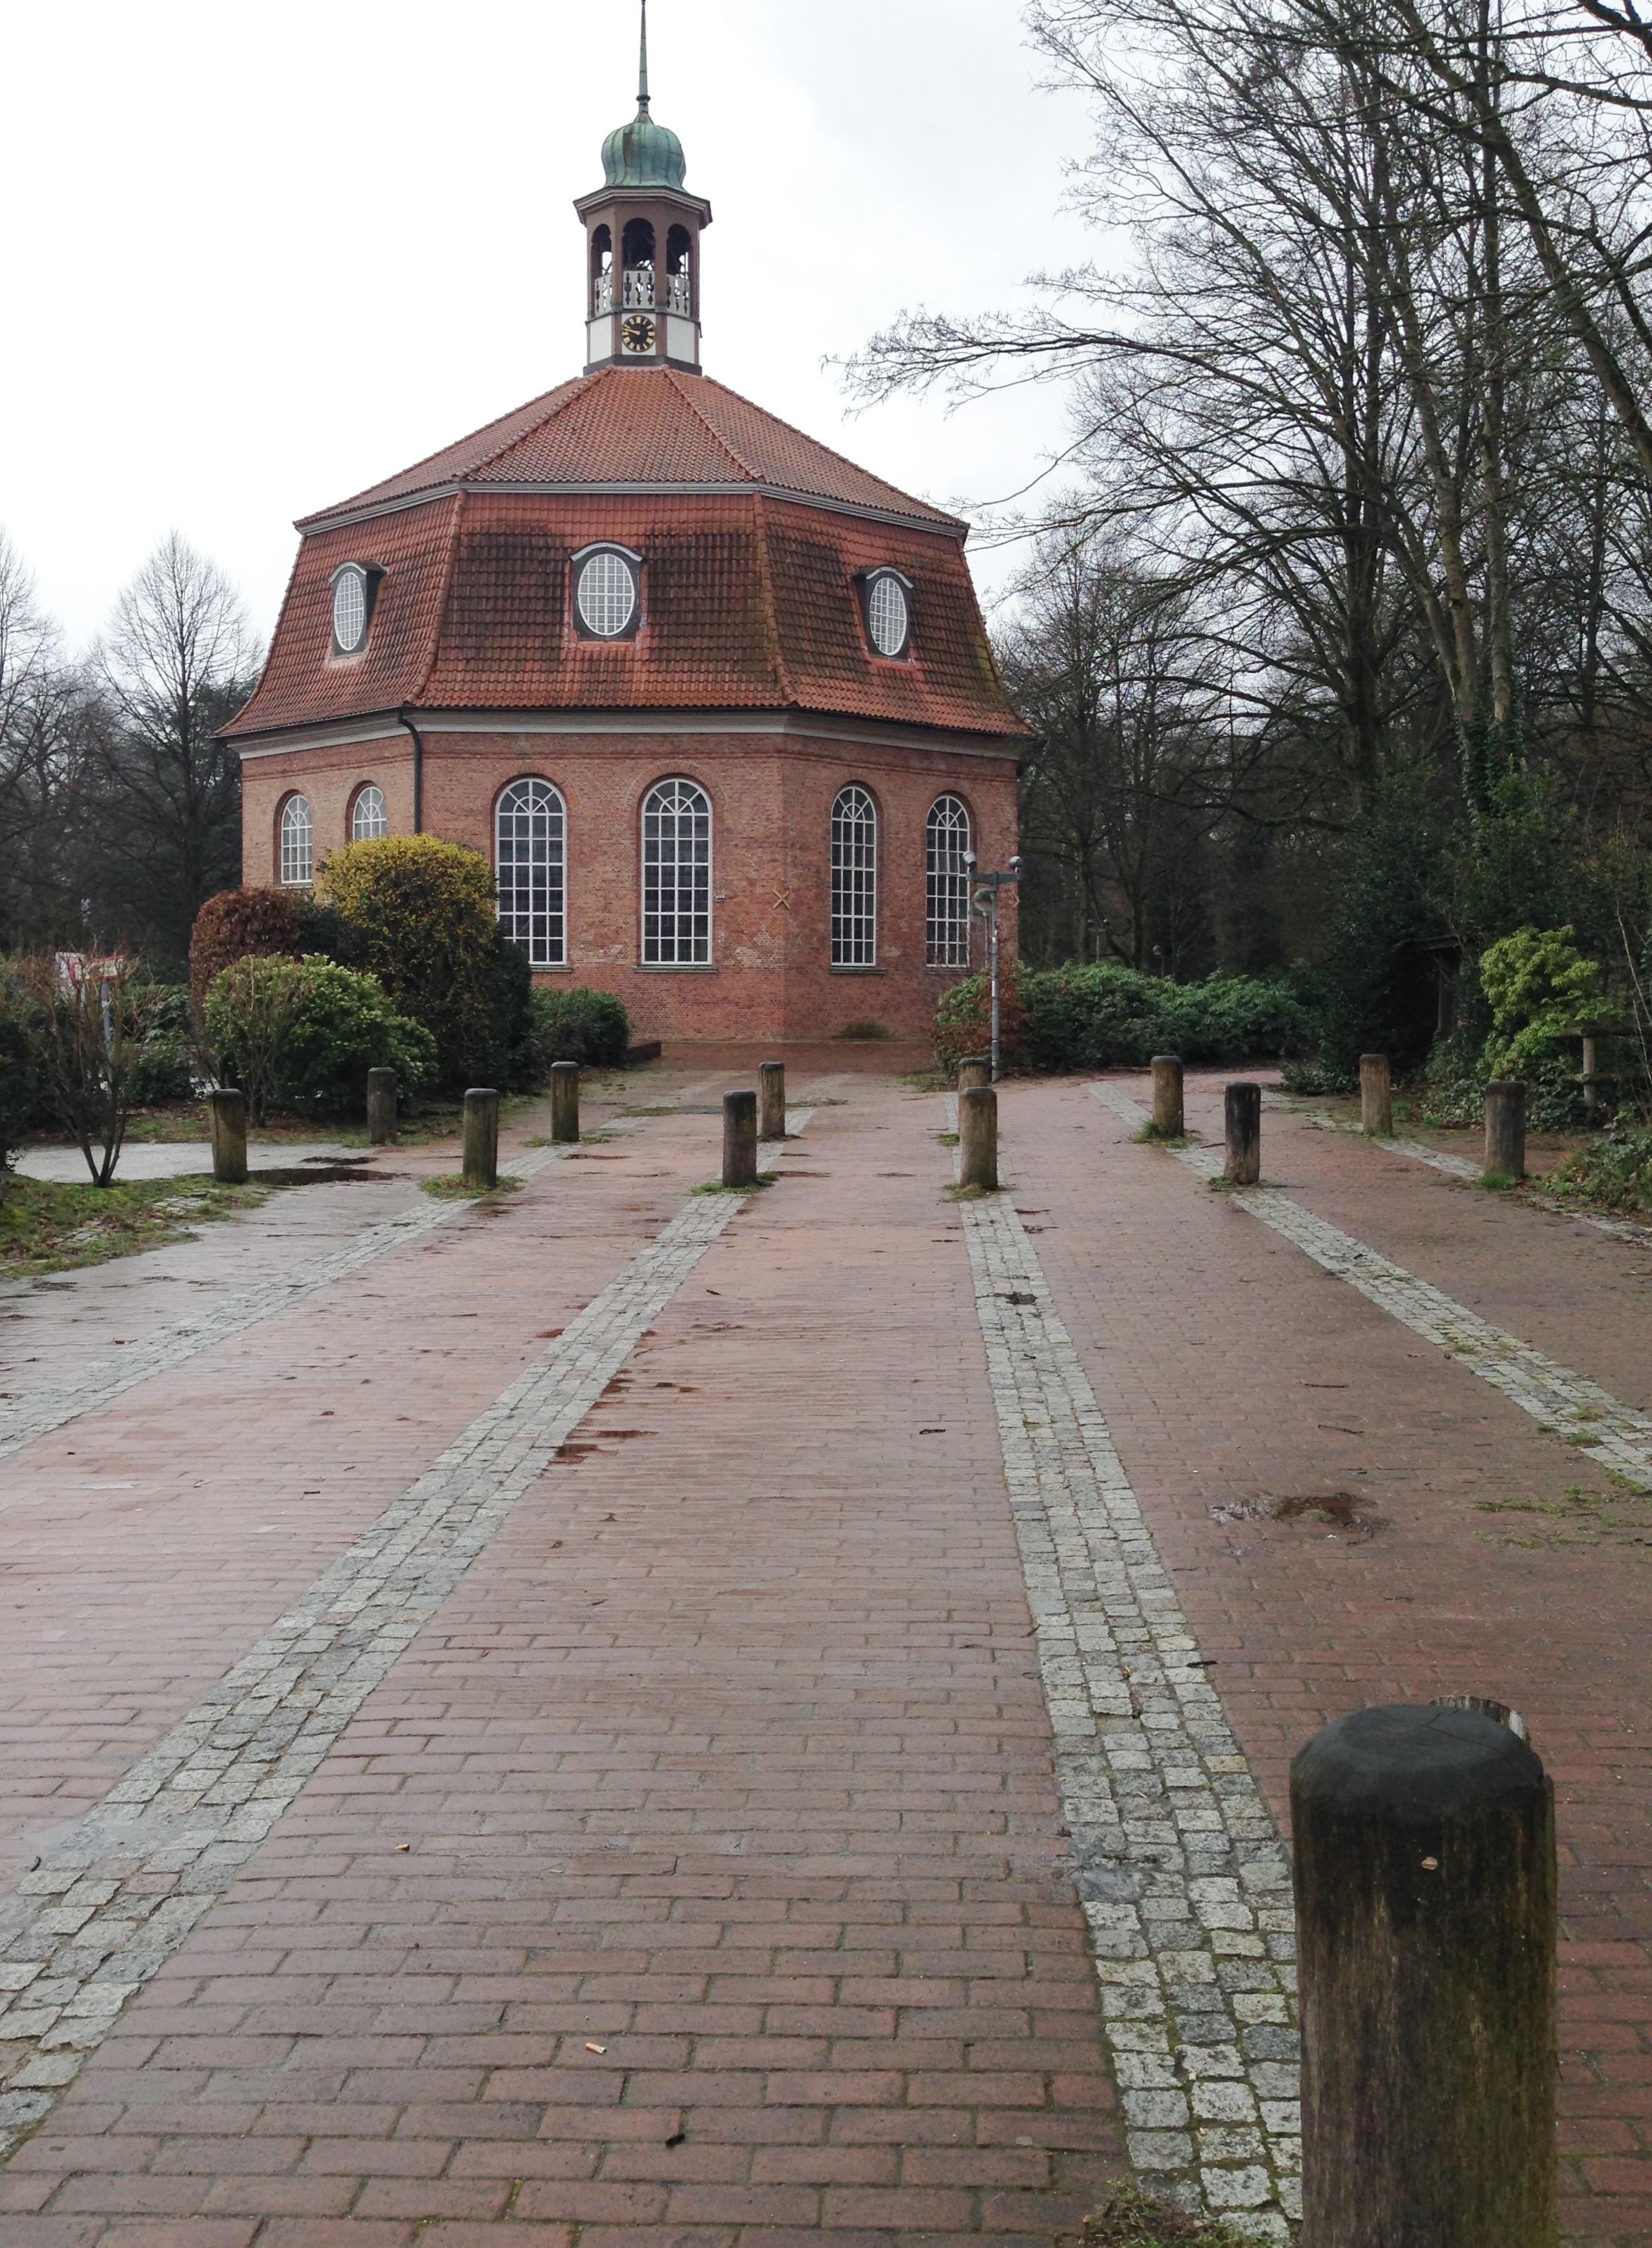 Niendorfer Marktplatz